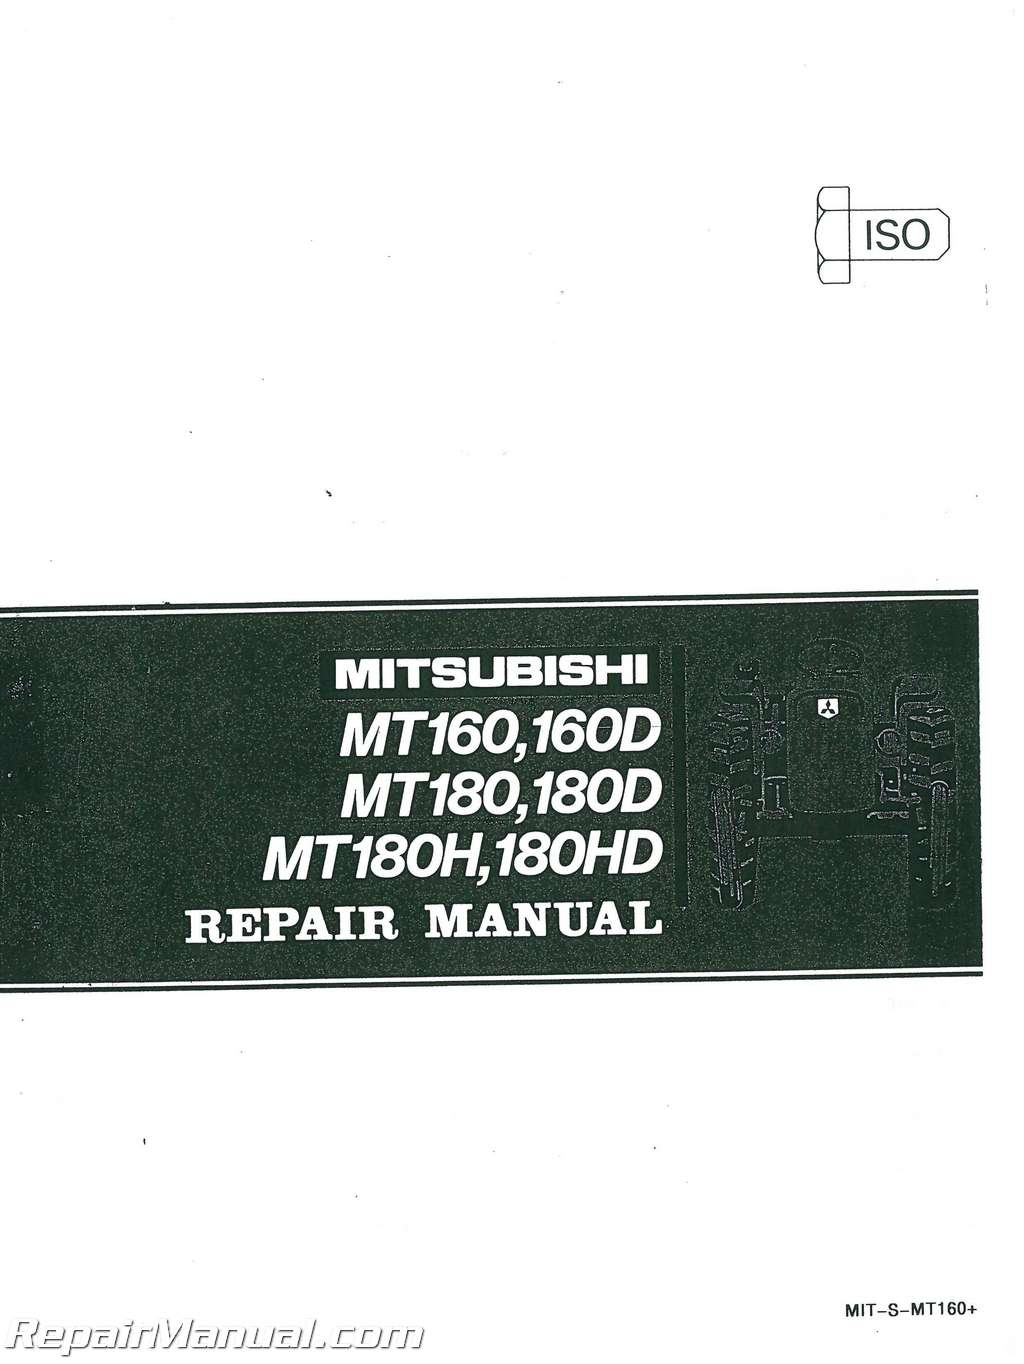 Golf Cart Dimensions >> Mitsubishi MT160 MT160D MT180 MT180D MT180H MT180HD Service Manual